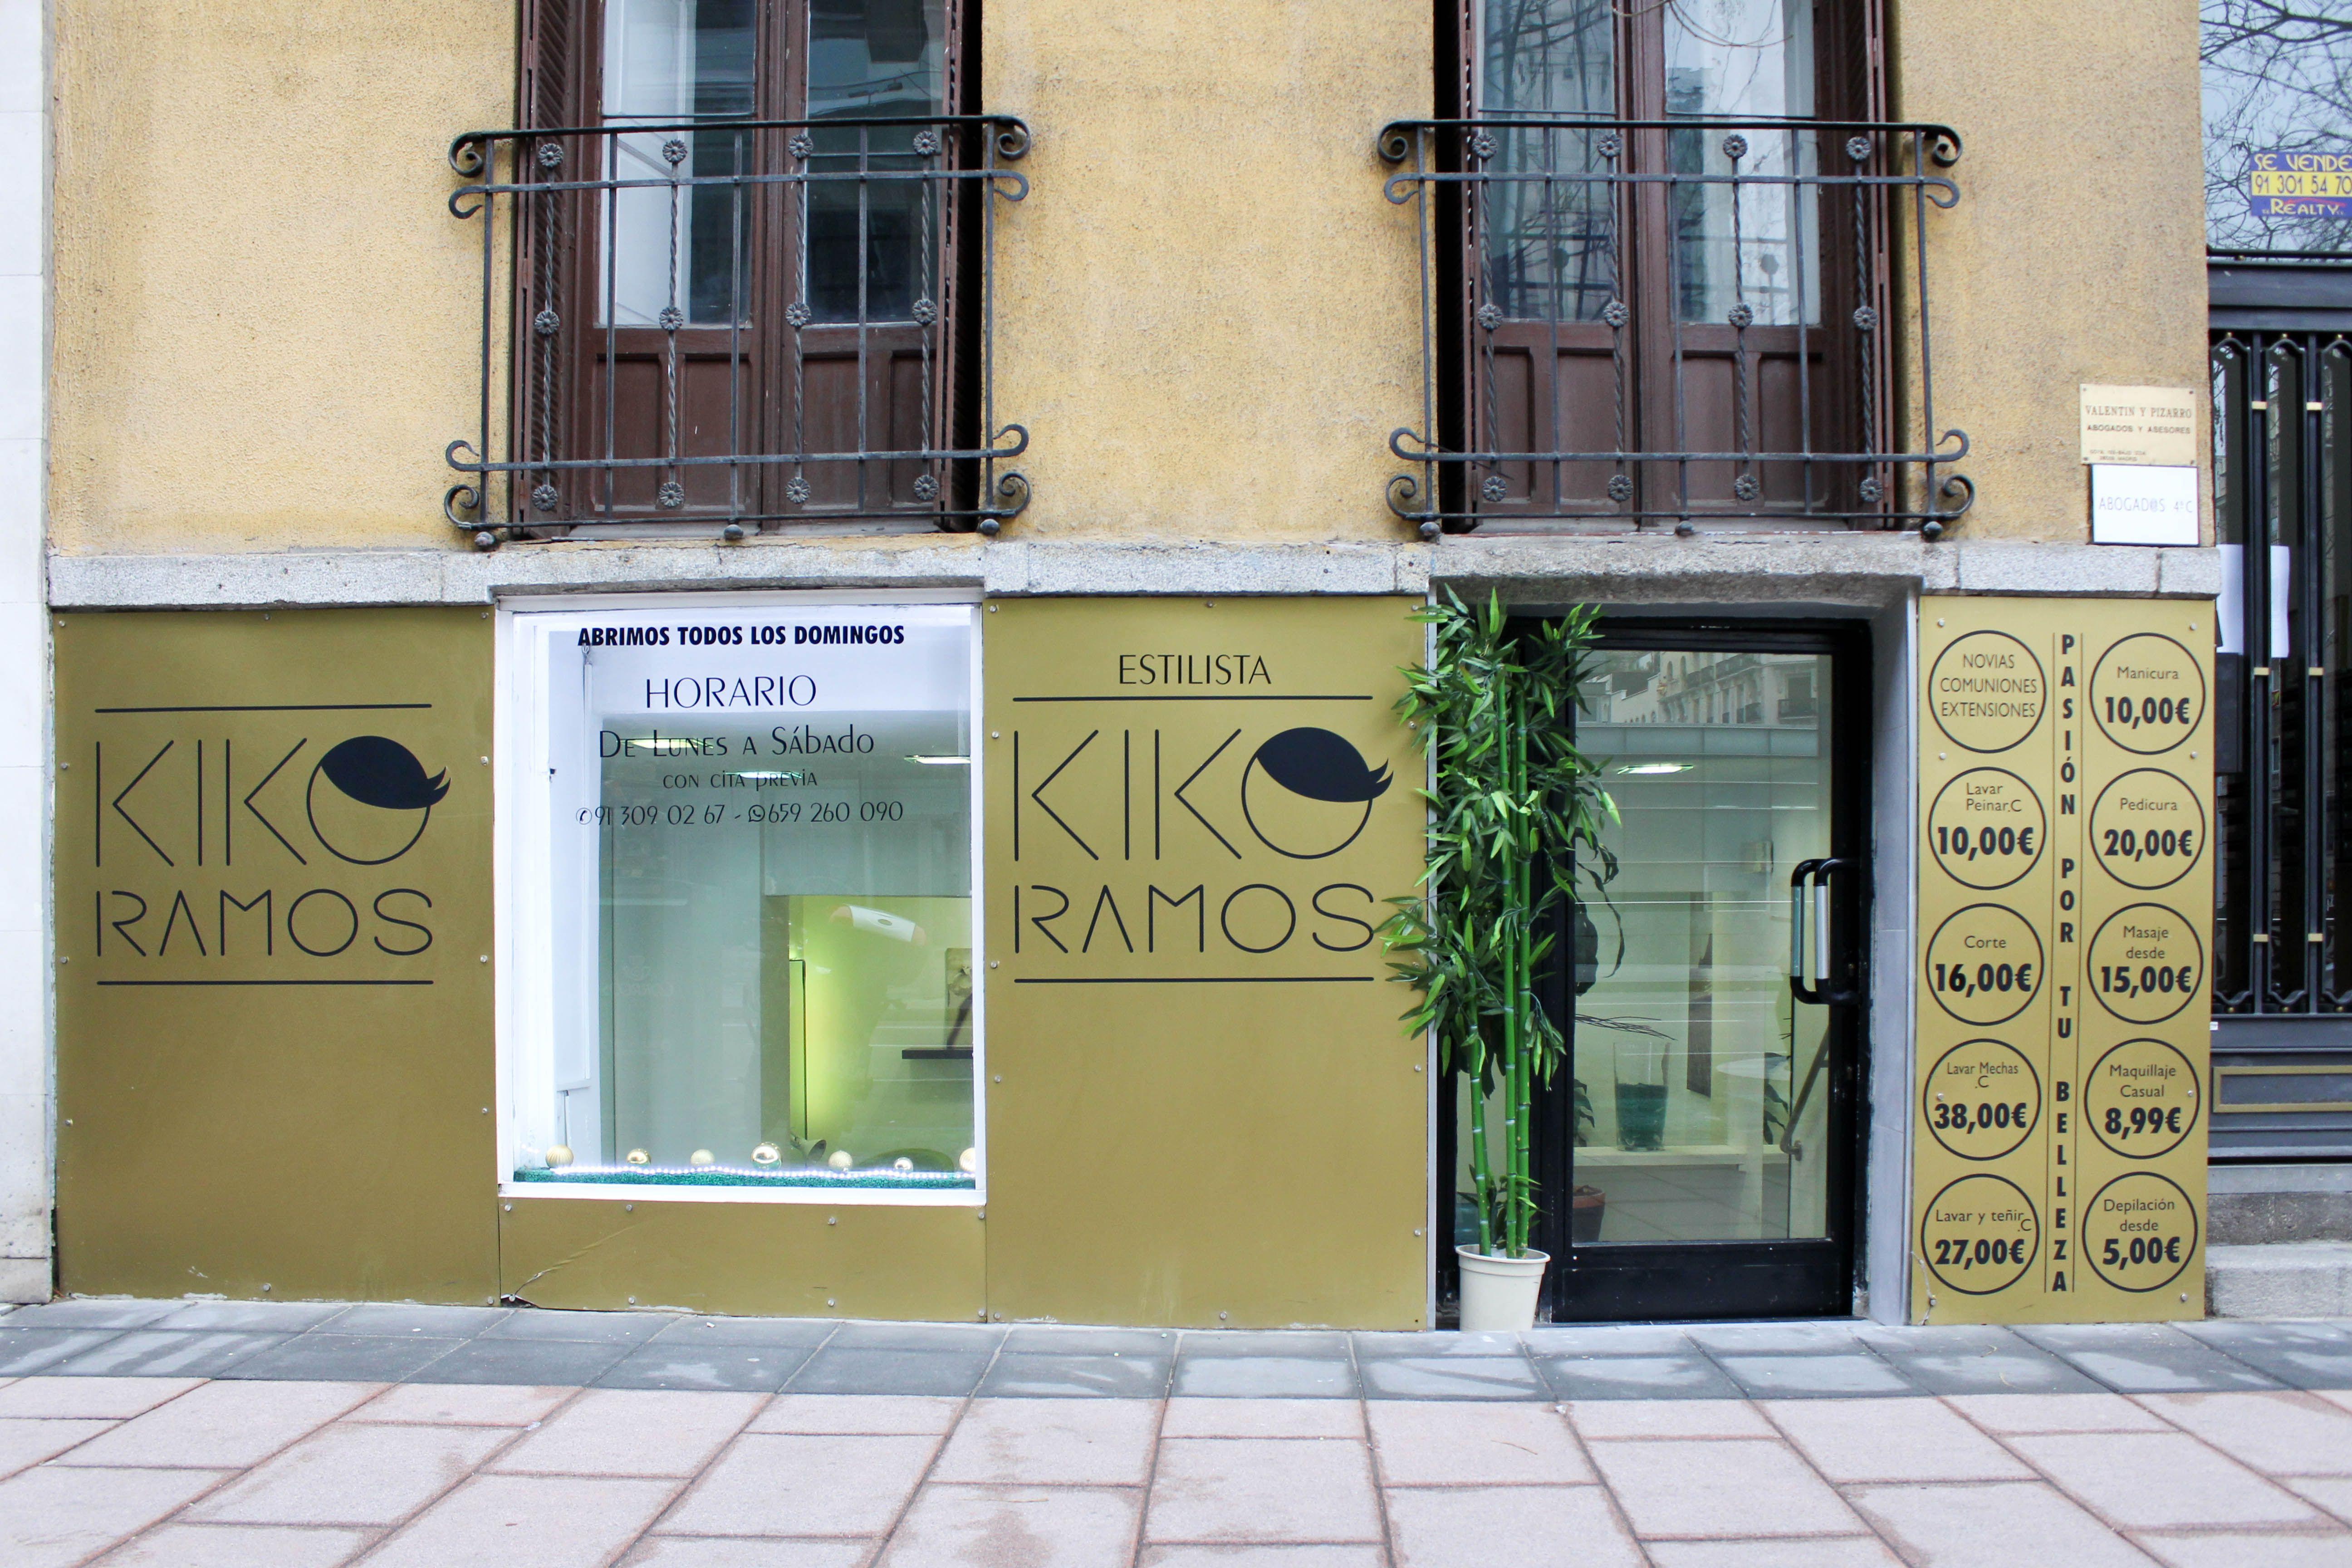 Limpieza facial: Servicios de Kiko Ramos